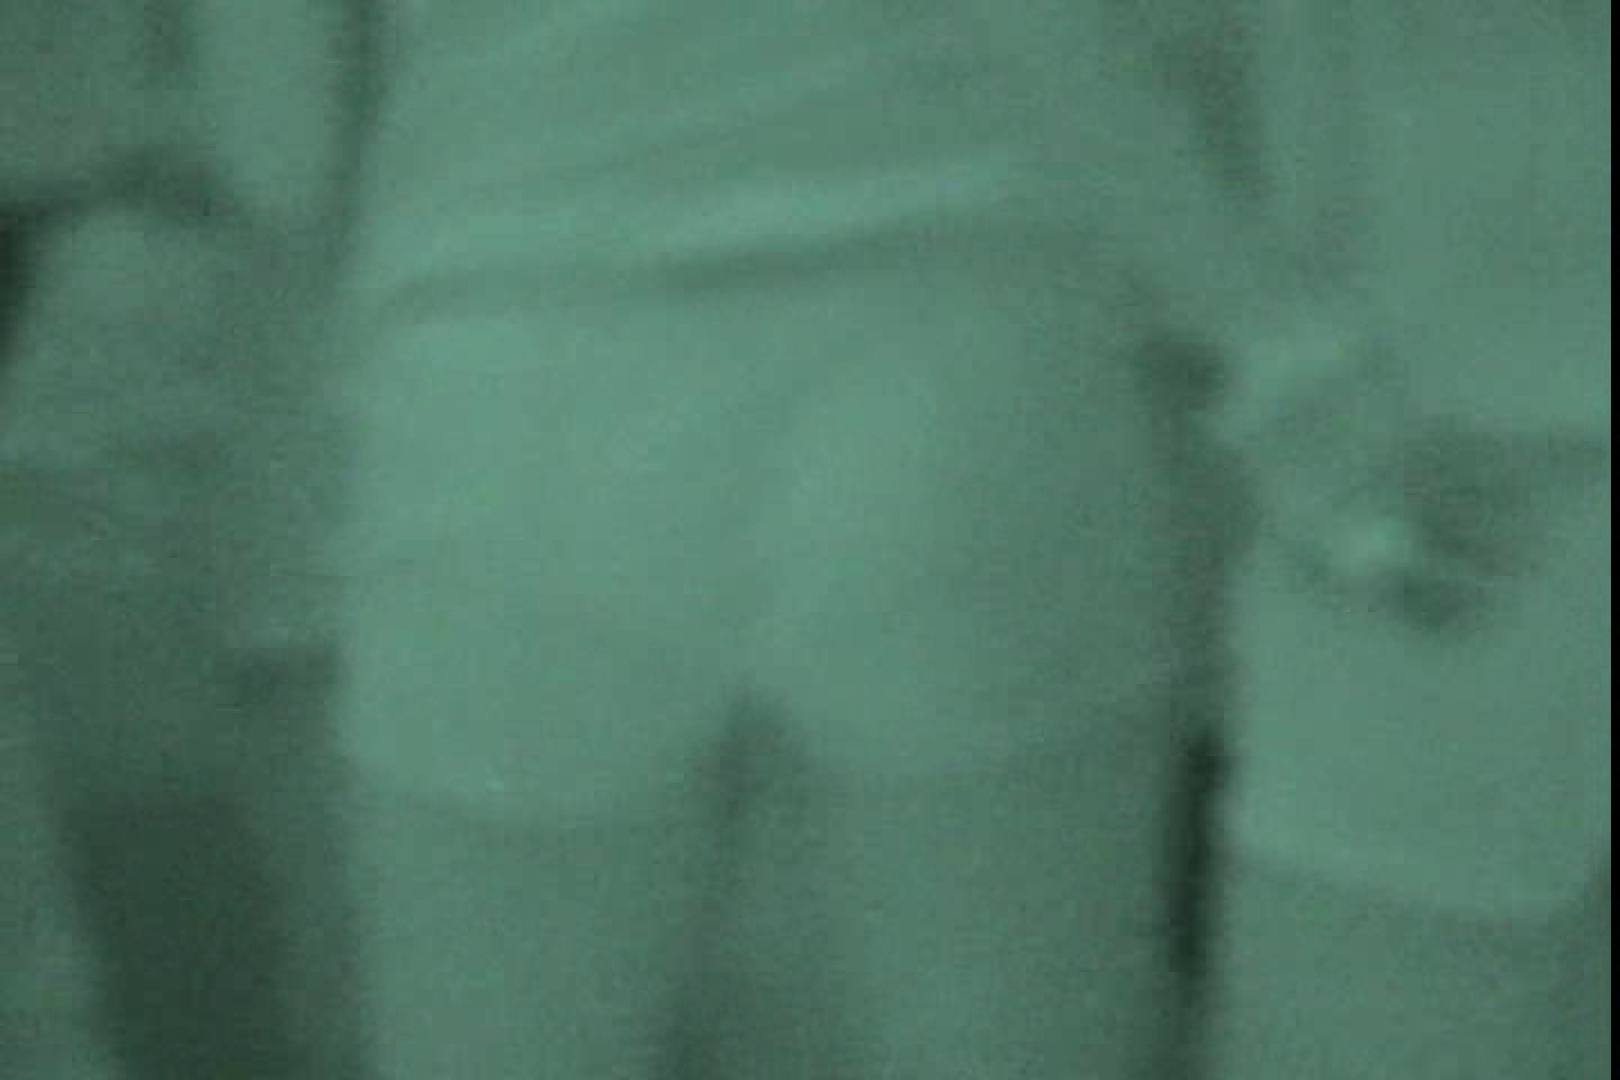 赤外線ムレスケバレー(汗) vol.14 OLのエロ生活 オマンコ動画キャプチャ 82連発 8